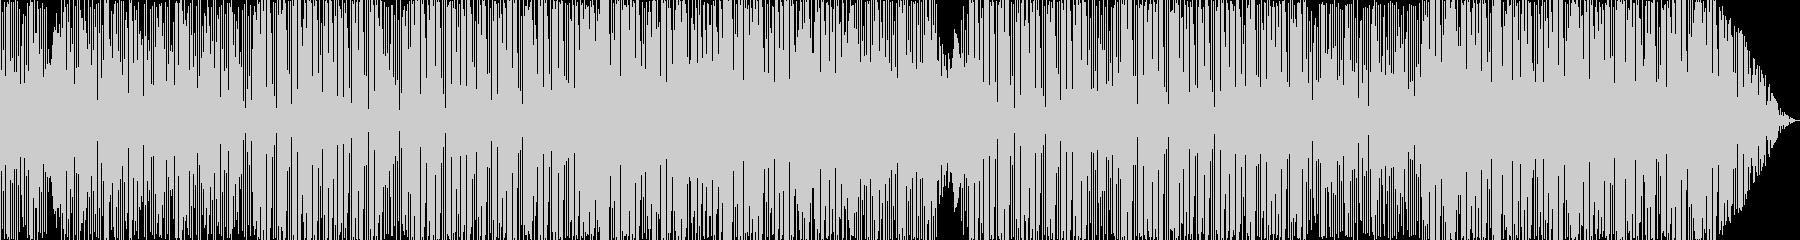 トロピカルで楽しいEDM/エスニック風の未再生の波形